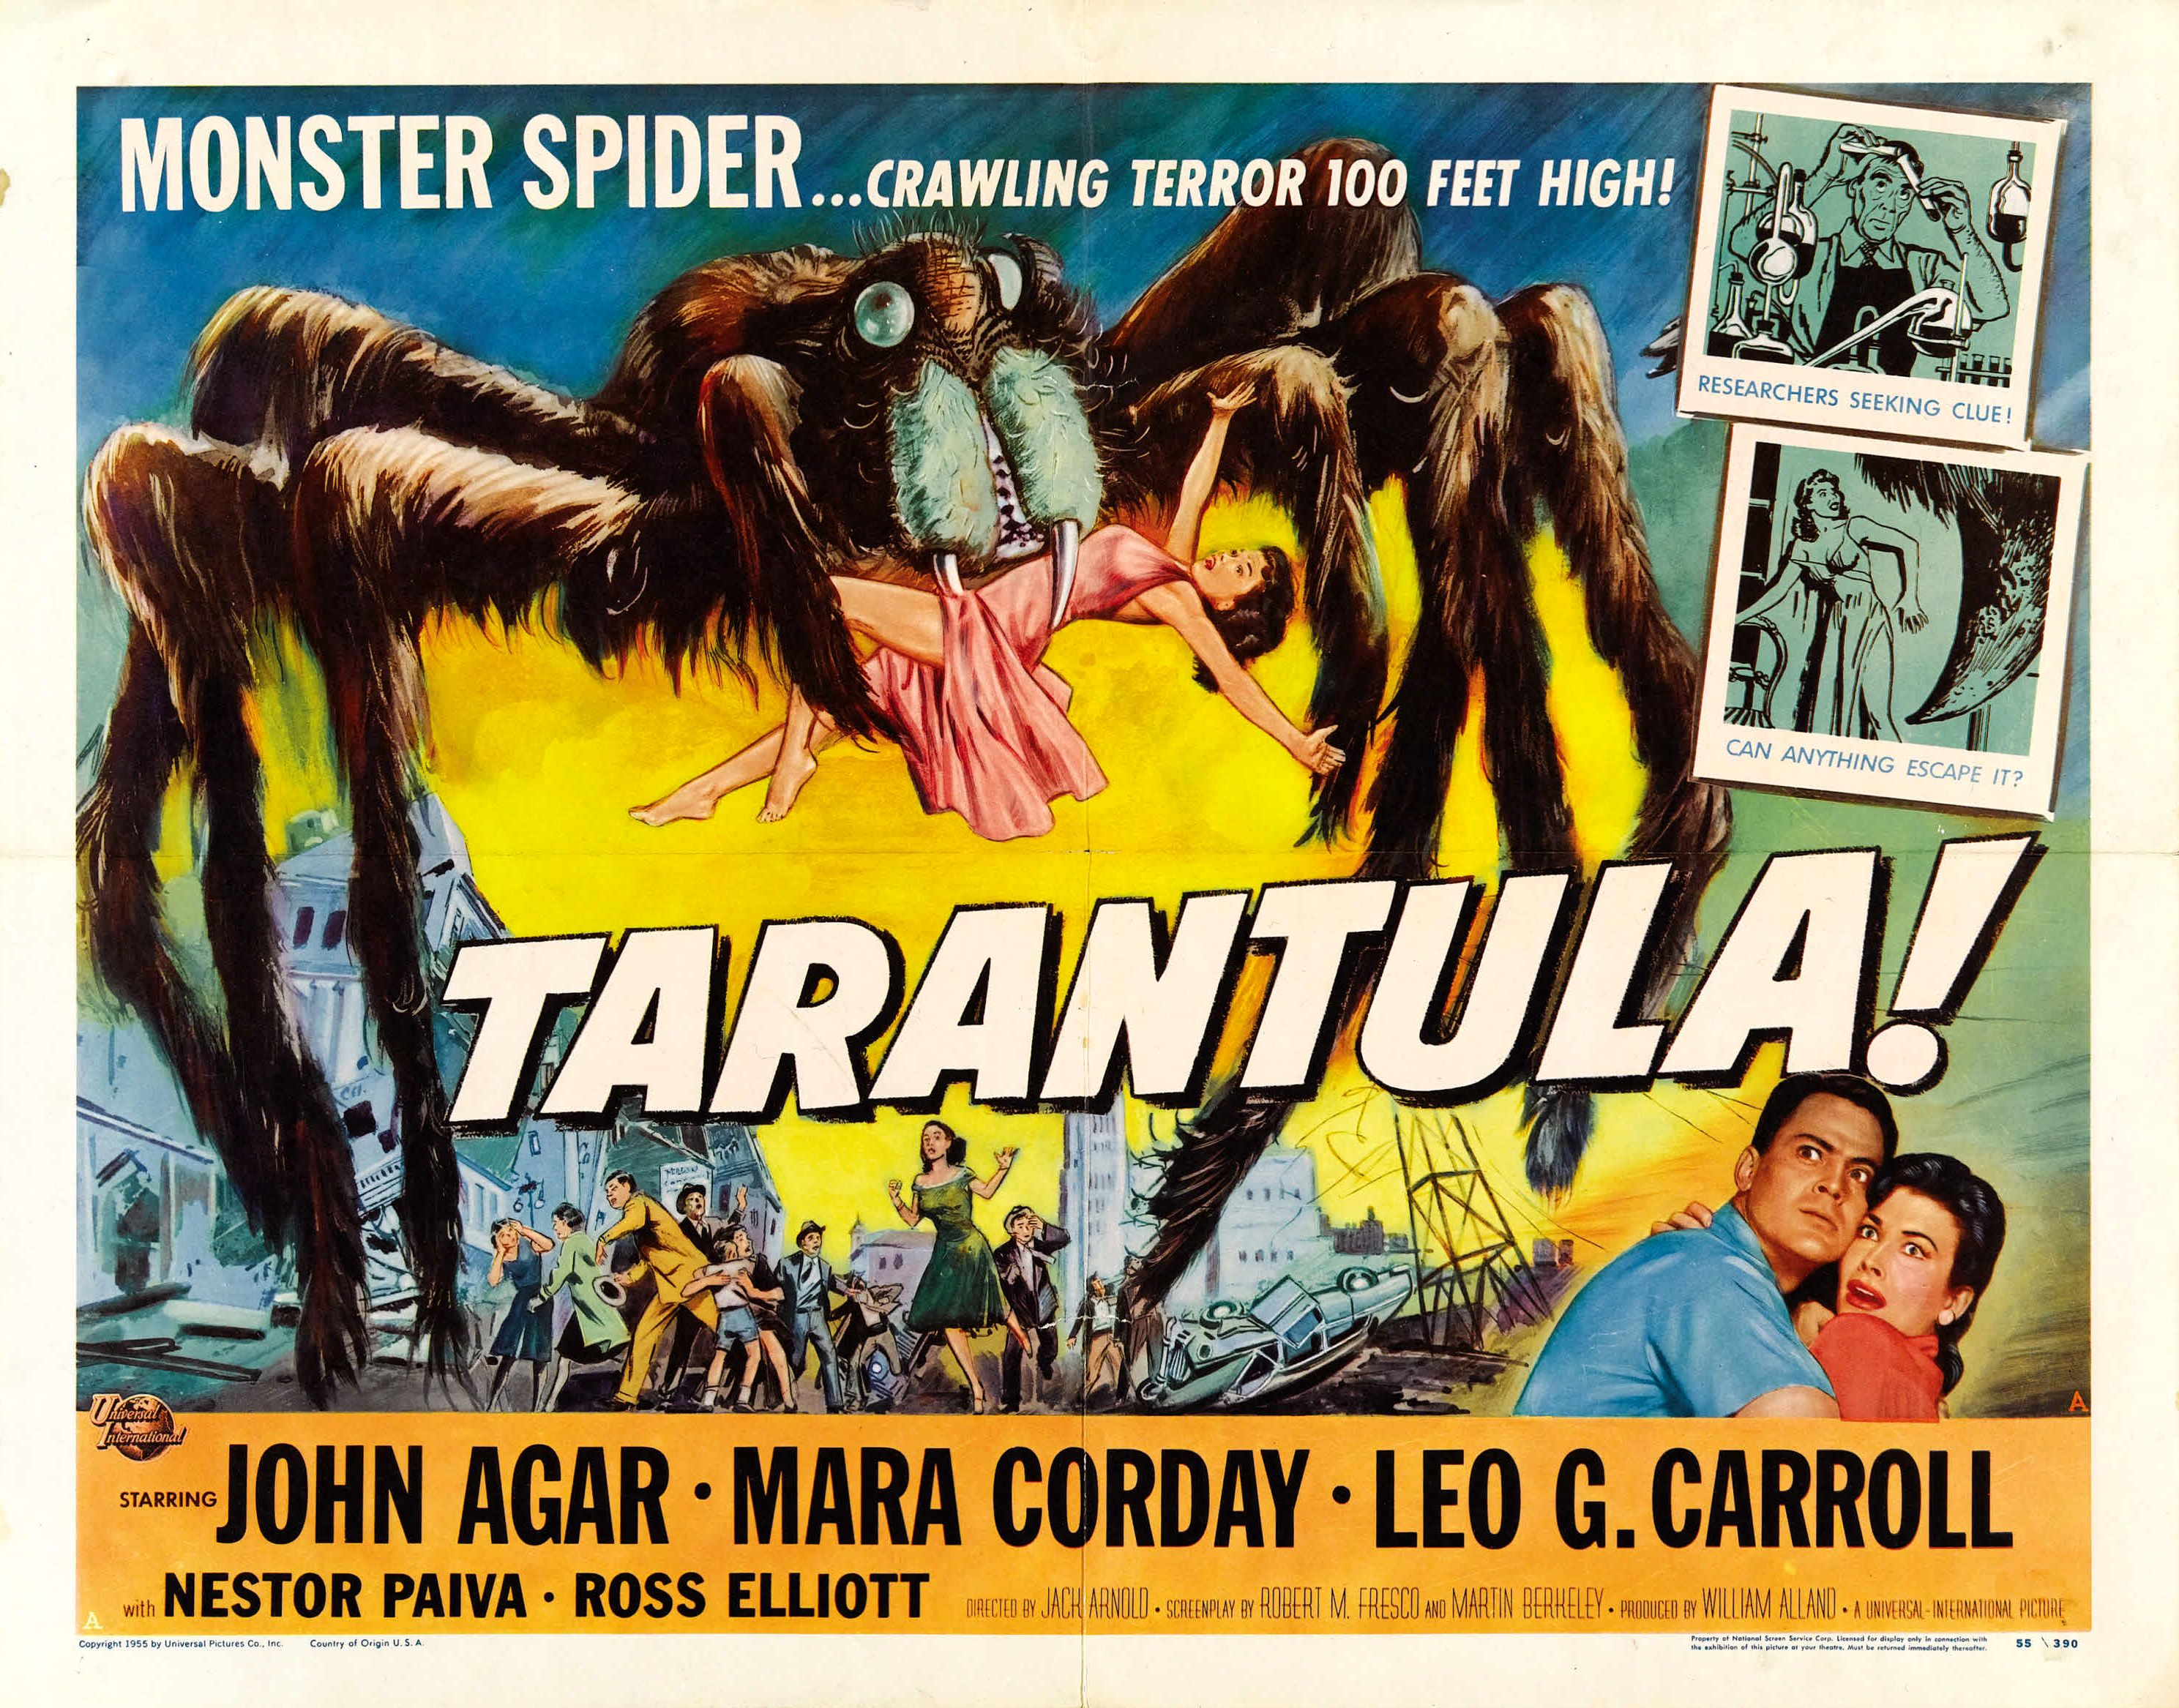 tarantula_poster_02.jpg